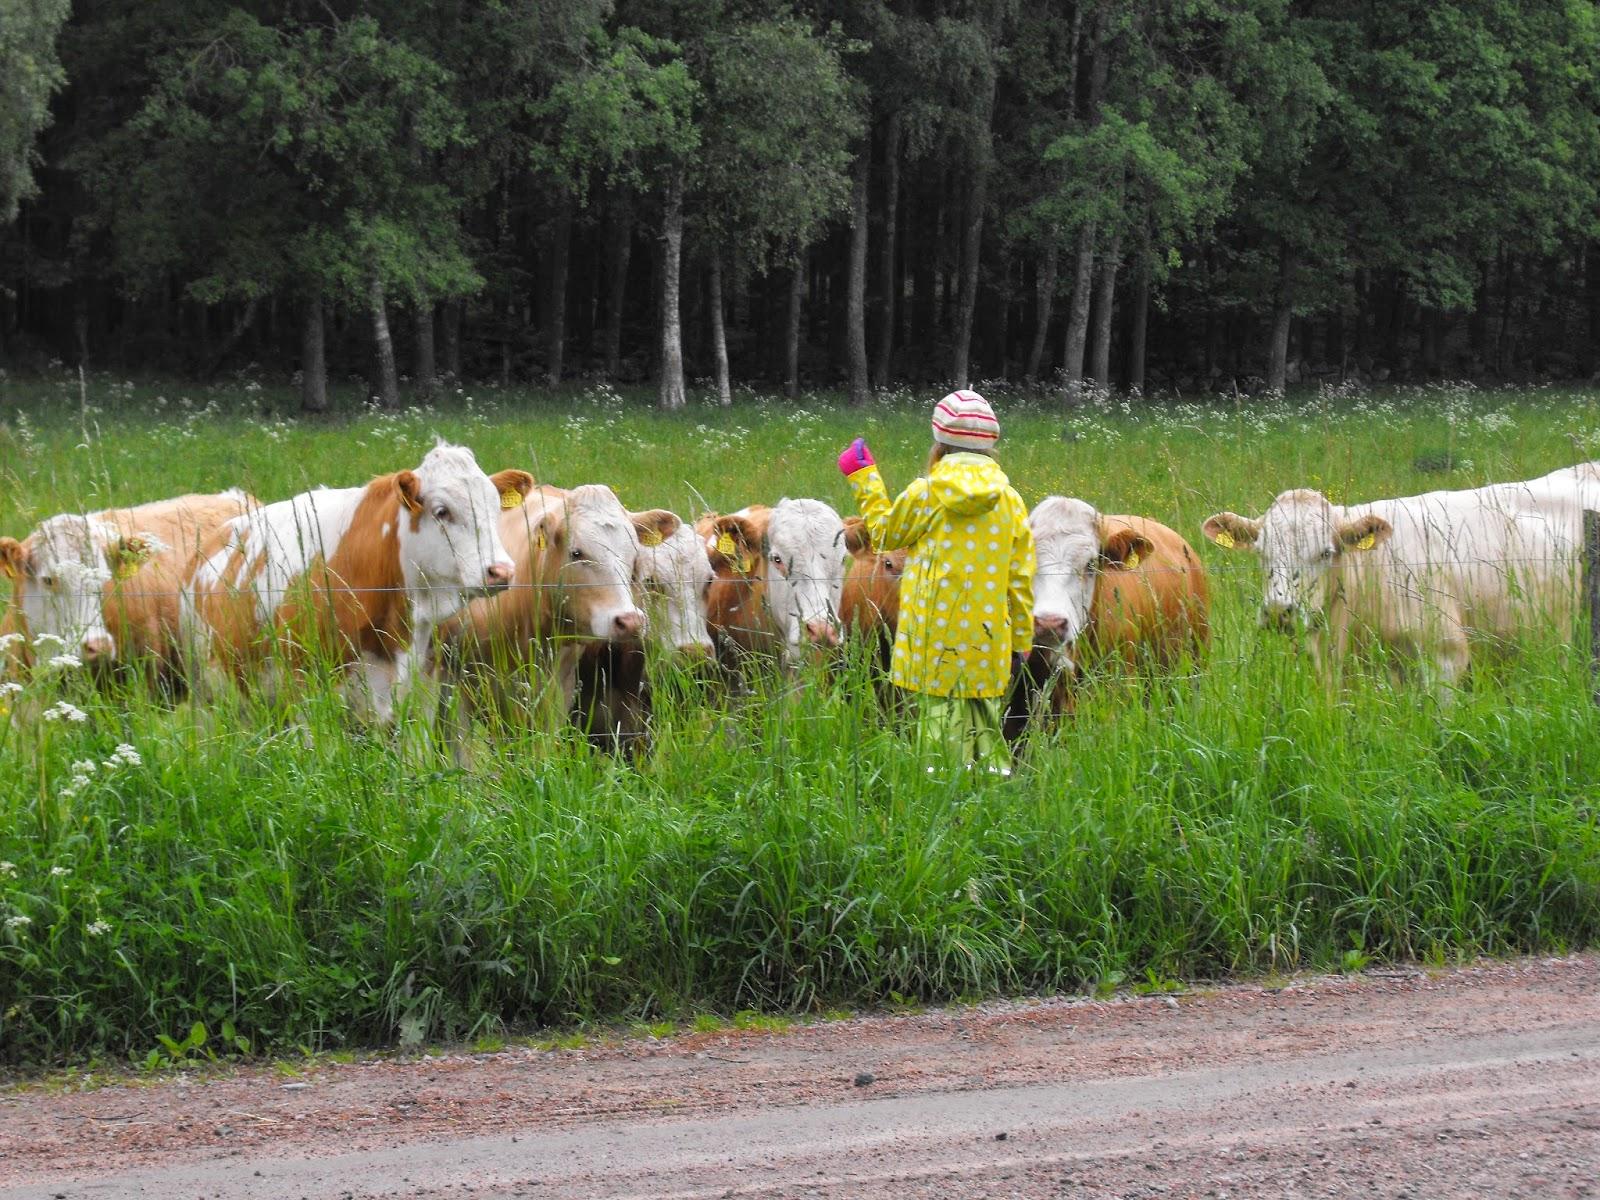 Sösdala, kor, gosa, mysa, mata djur. ko, kossor, barn med djur, Hässleholm